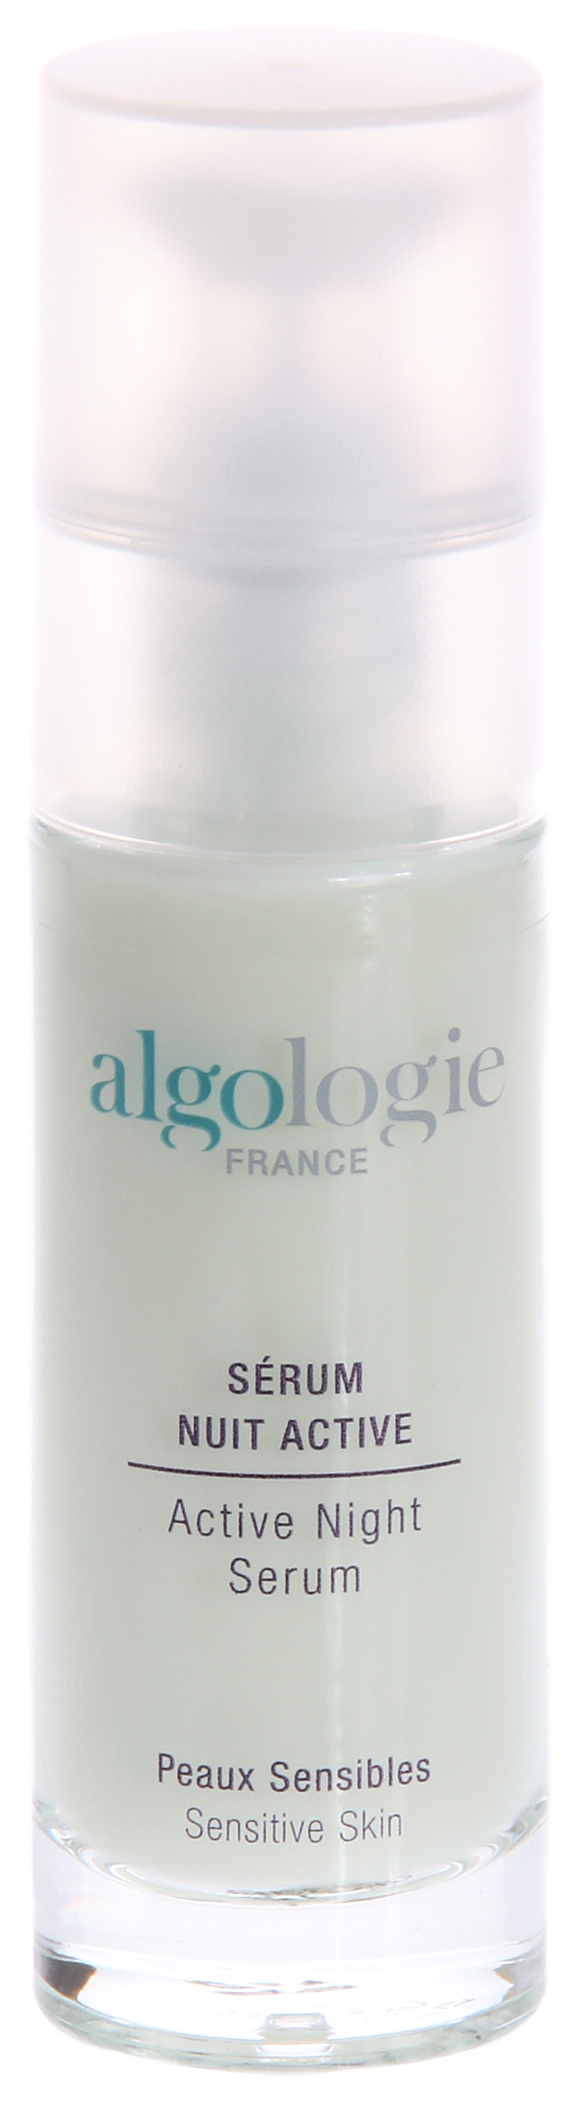 ALGOLOGIE Сыворотка активная ночная 30млСыворотки<br>Эффективный препарат для глубокого восстановления кожи. Имеет жидкую консистенцию и приятный фисташковый цвет. Содержит весь спектр полезных веществ, необходимых коже. Расслабляет кожу, снимая следы стресса, глубоко питает и увлажняет ее. Обладает противовоспалительным и антисептическим действием, обеспечивает защиту кожи. Действует на клеточном уровне, обновляя клетки. Тонизирует и омолаживает кожу.  Активные ингредиенты: Энтелин 2, эпалин 100, масло виноградных косточек, гель алоэ вера, экстракт ромашки, экстракт василька, экстракт календулы, экстракт липы, пантенол, эфирное масло майорана, эфирное масло сандалового дерева, эфирное масло дерева хо.  Способ применения: Применяйте сыворотку ночную активную от Algologie ежедневно по вечерам. Нанесите небольшое количество сыворотки на кожу лица, шеи и области декольте.<br><br>Объем: 30<br>Типы кожи: Чувствительная<br>Время применения: Ночной